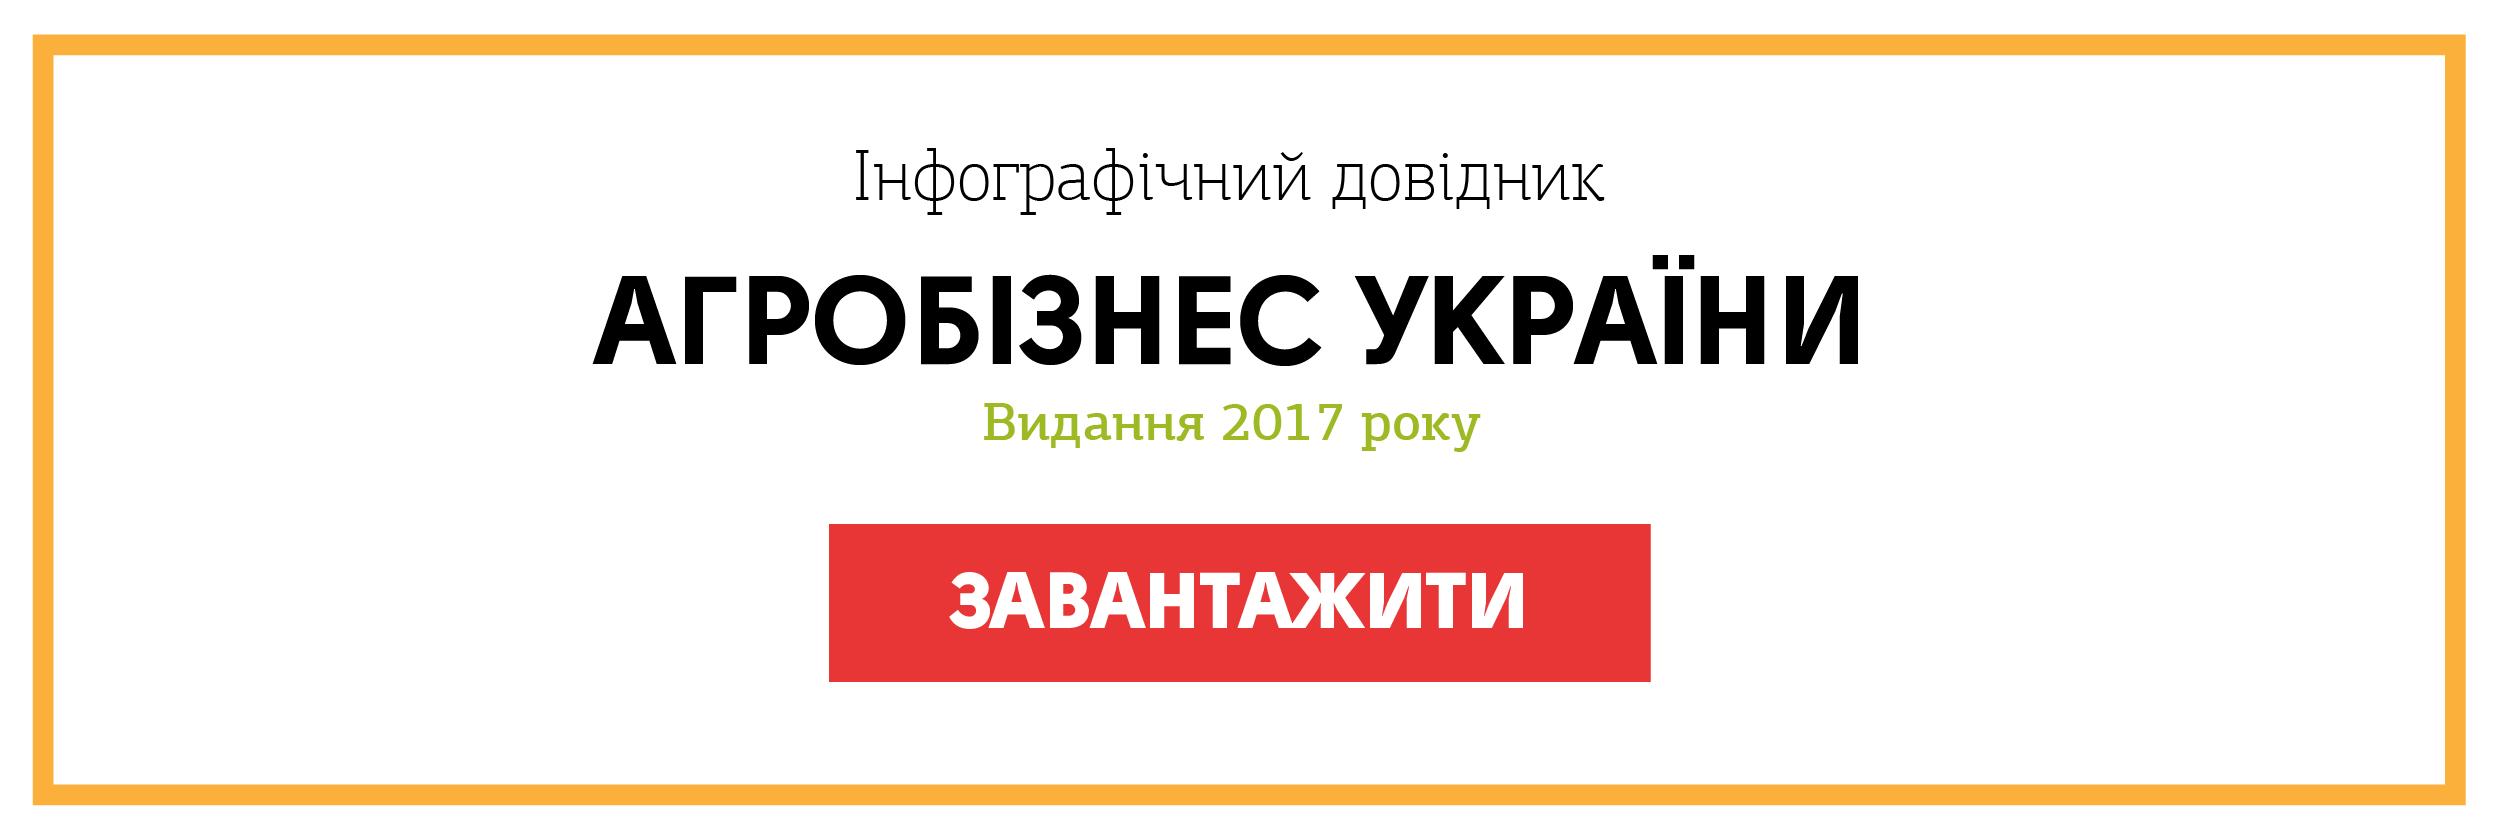 """Інфографічний довідник """"Агробізнес України"""""""